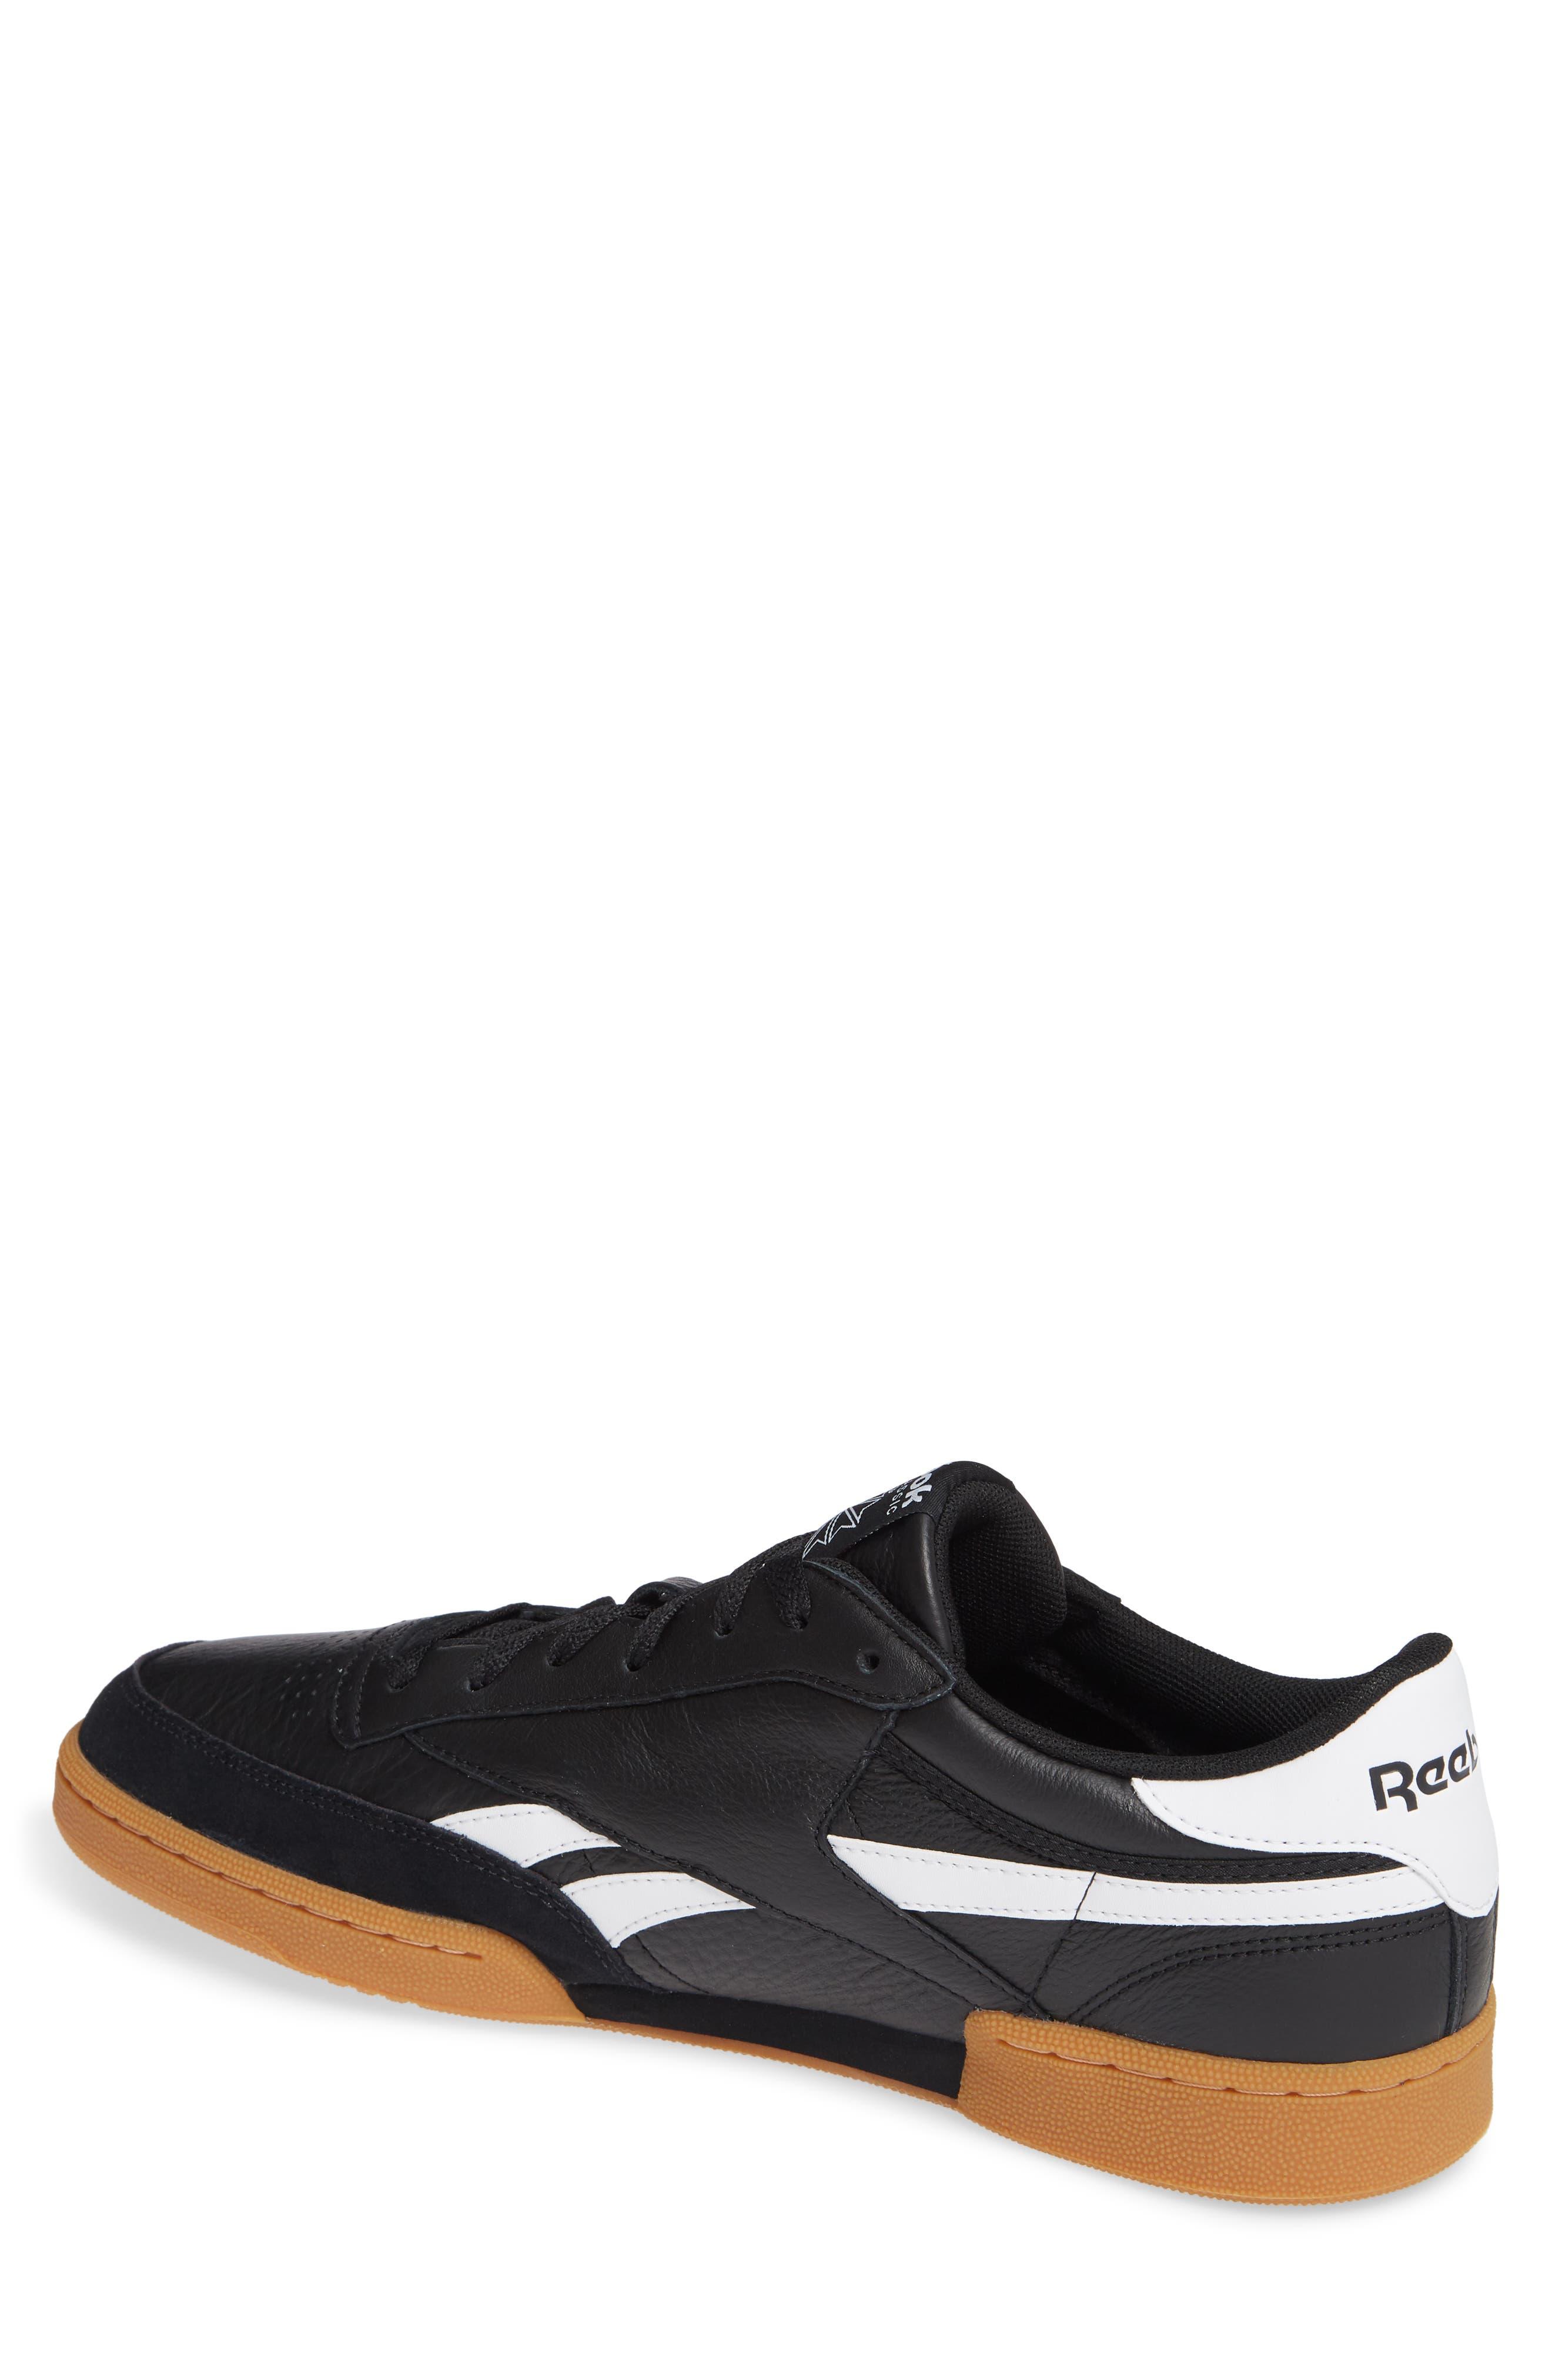 Revenge Plus Sneaker,                             Alternate thumbnail 2, color,                             BLACK/ WHITE/ GUM